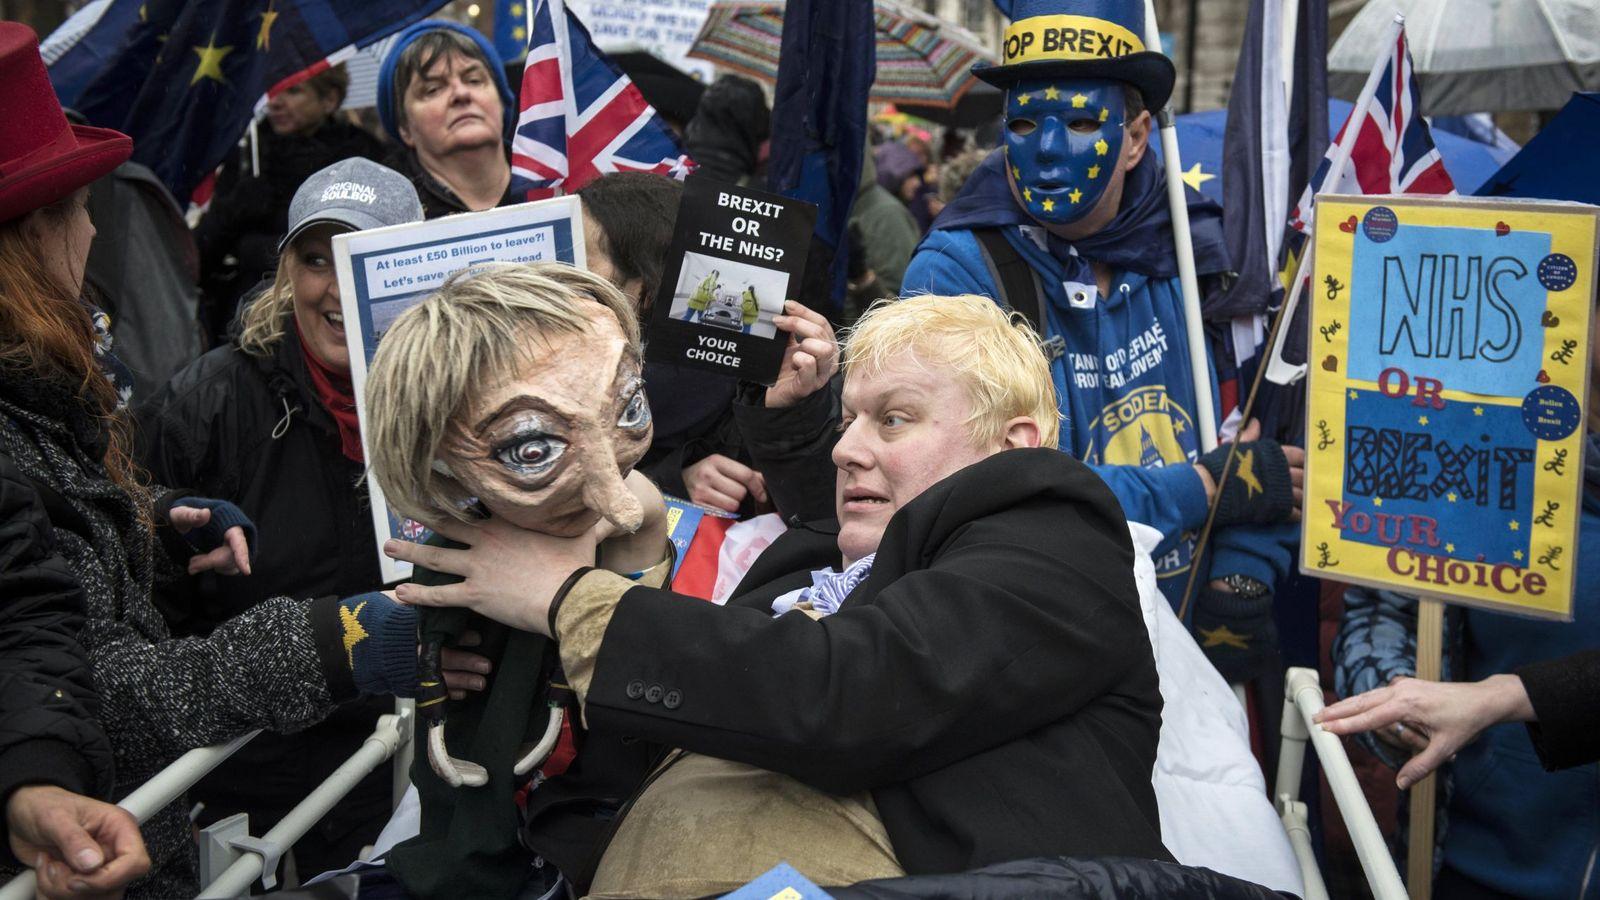 Foto: Un manifestante disfrazado de Boris Johnson durante una protesta de trabajadores del NHS, en Londres. (Reuters)